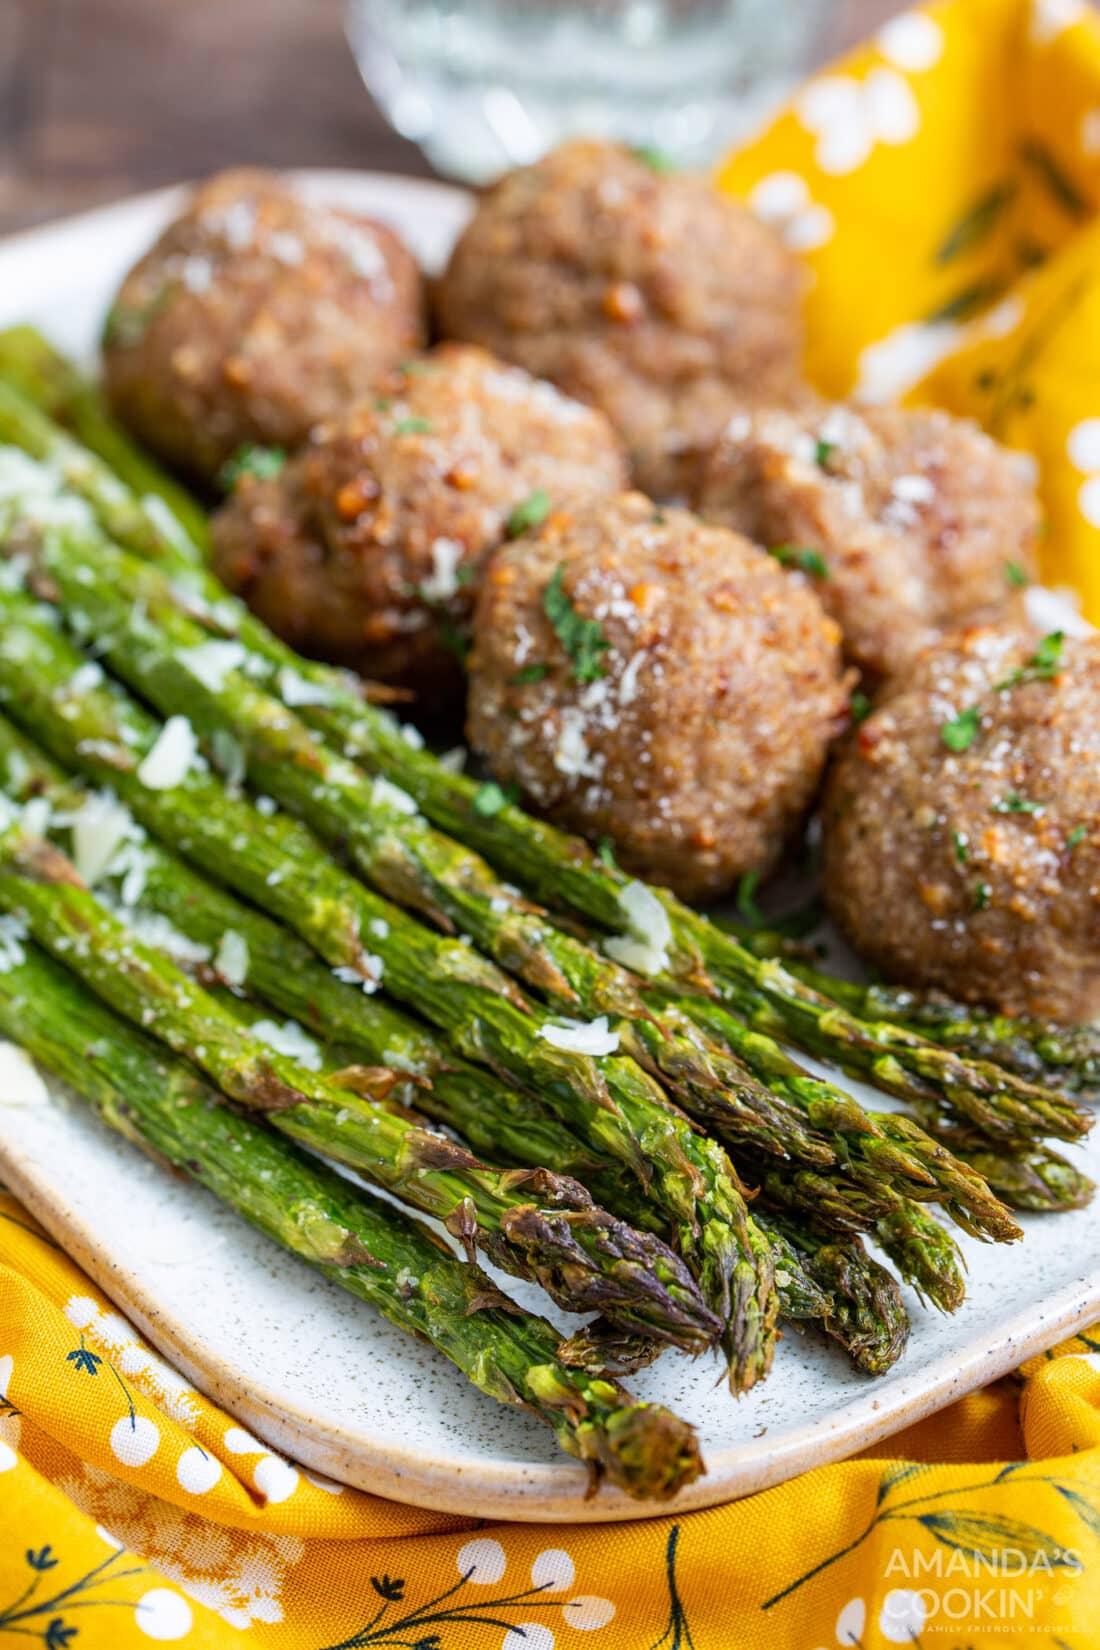 Air Fryer Asparagus with meatballs